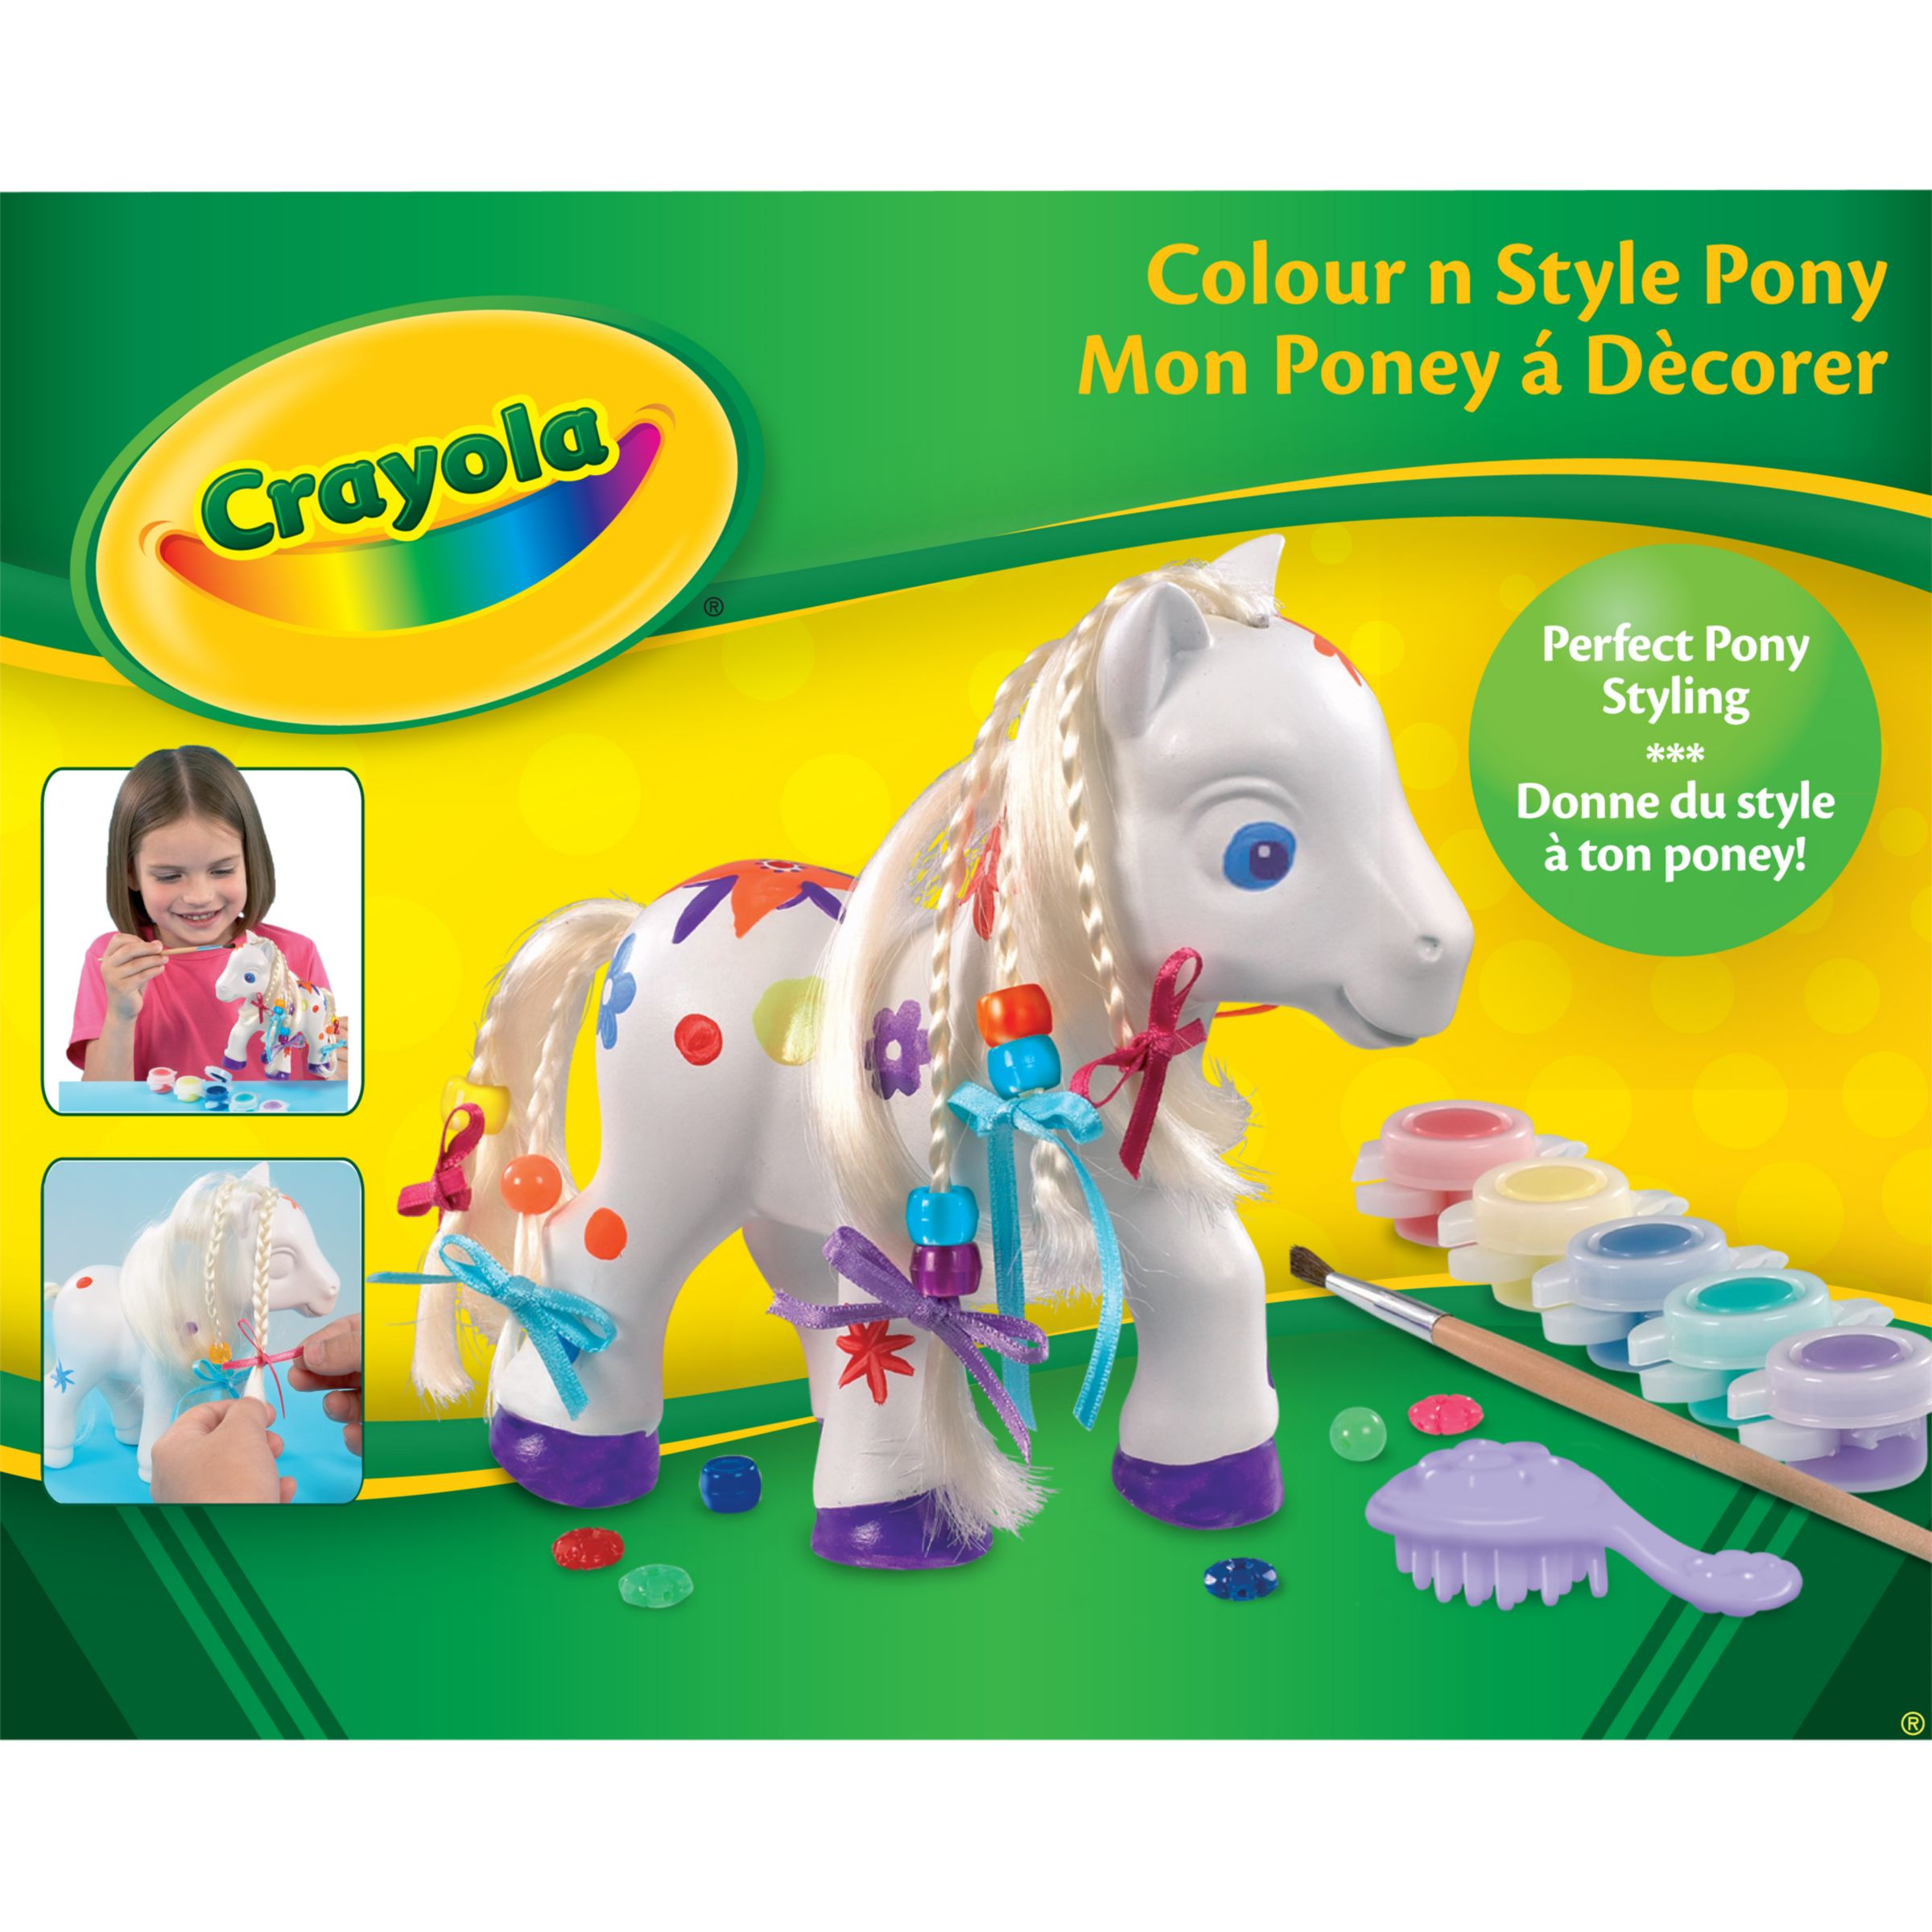 Crayola Colour n Style Pony